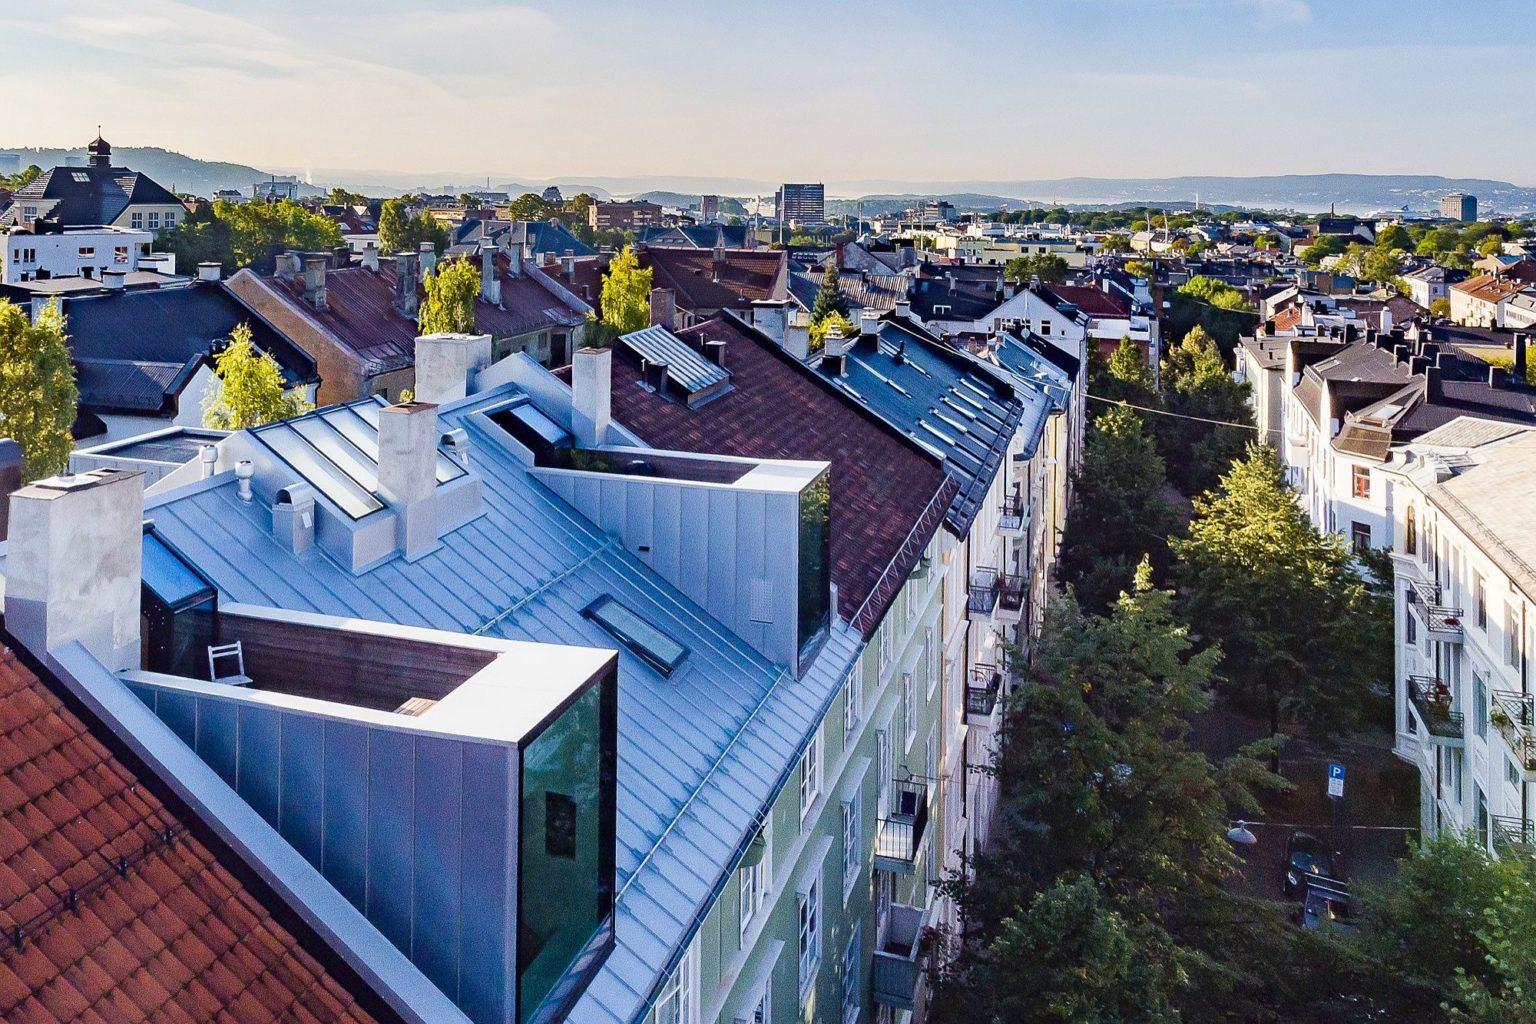 Biến hó gác xép cũ ở thành phố Oslo thành căn hộ hiện đại, xinh xắn mới thấy bạn đã phải chết mê - Ảnh 3.